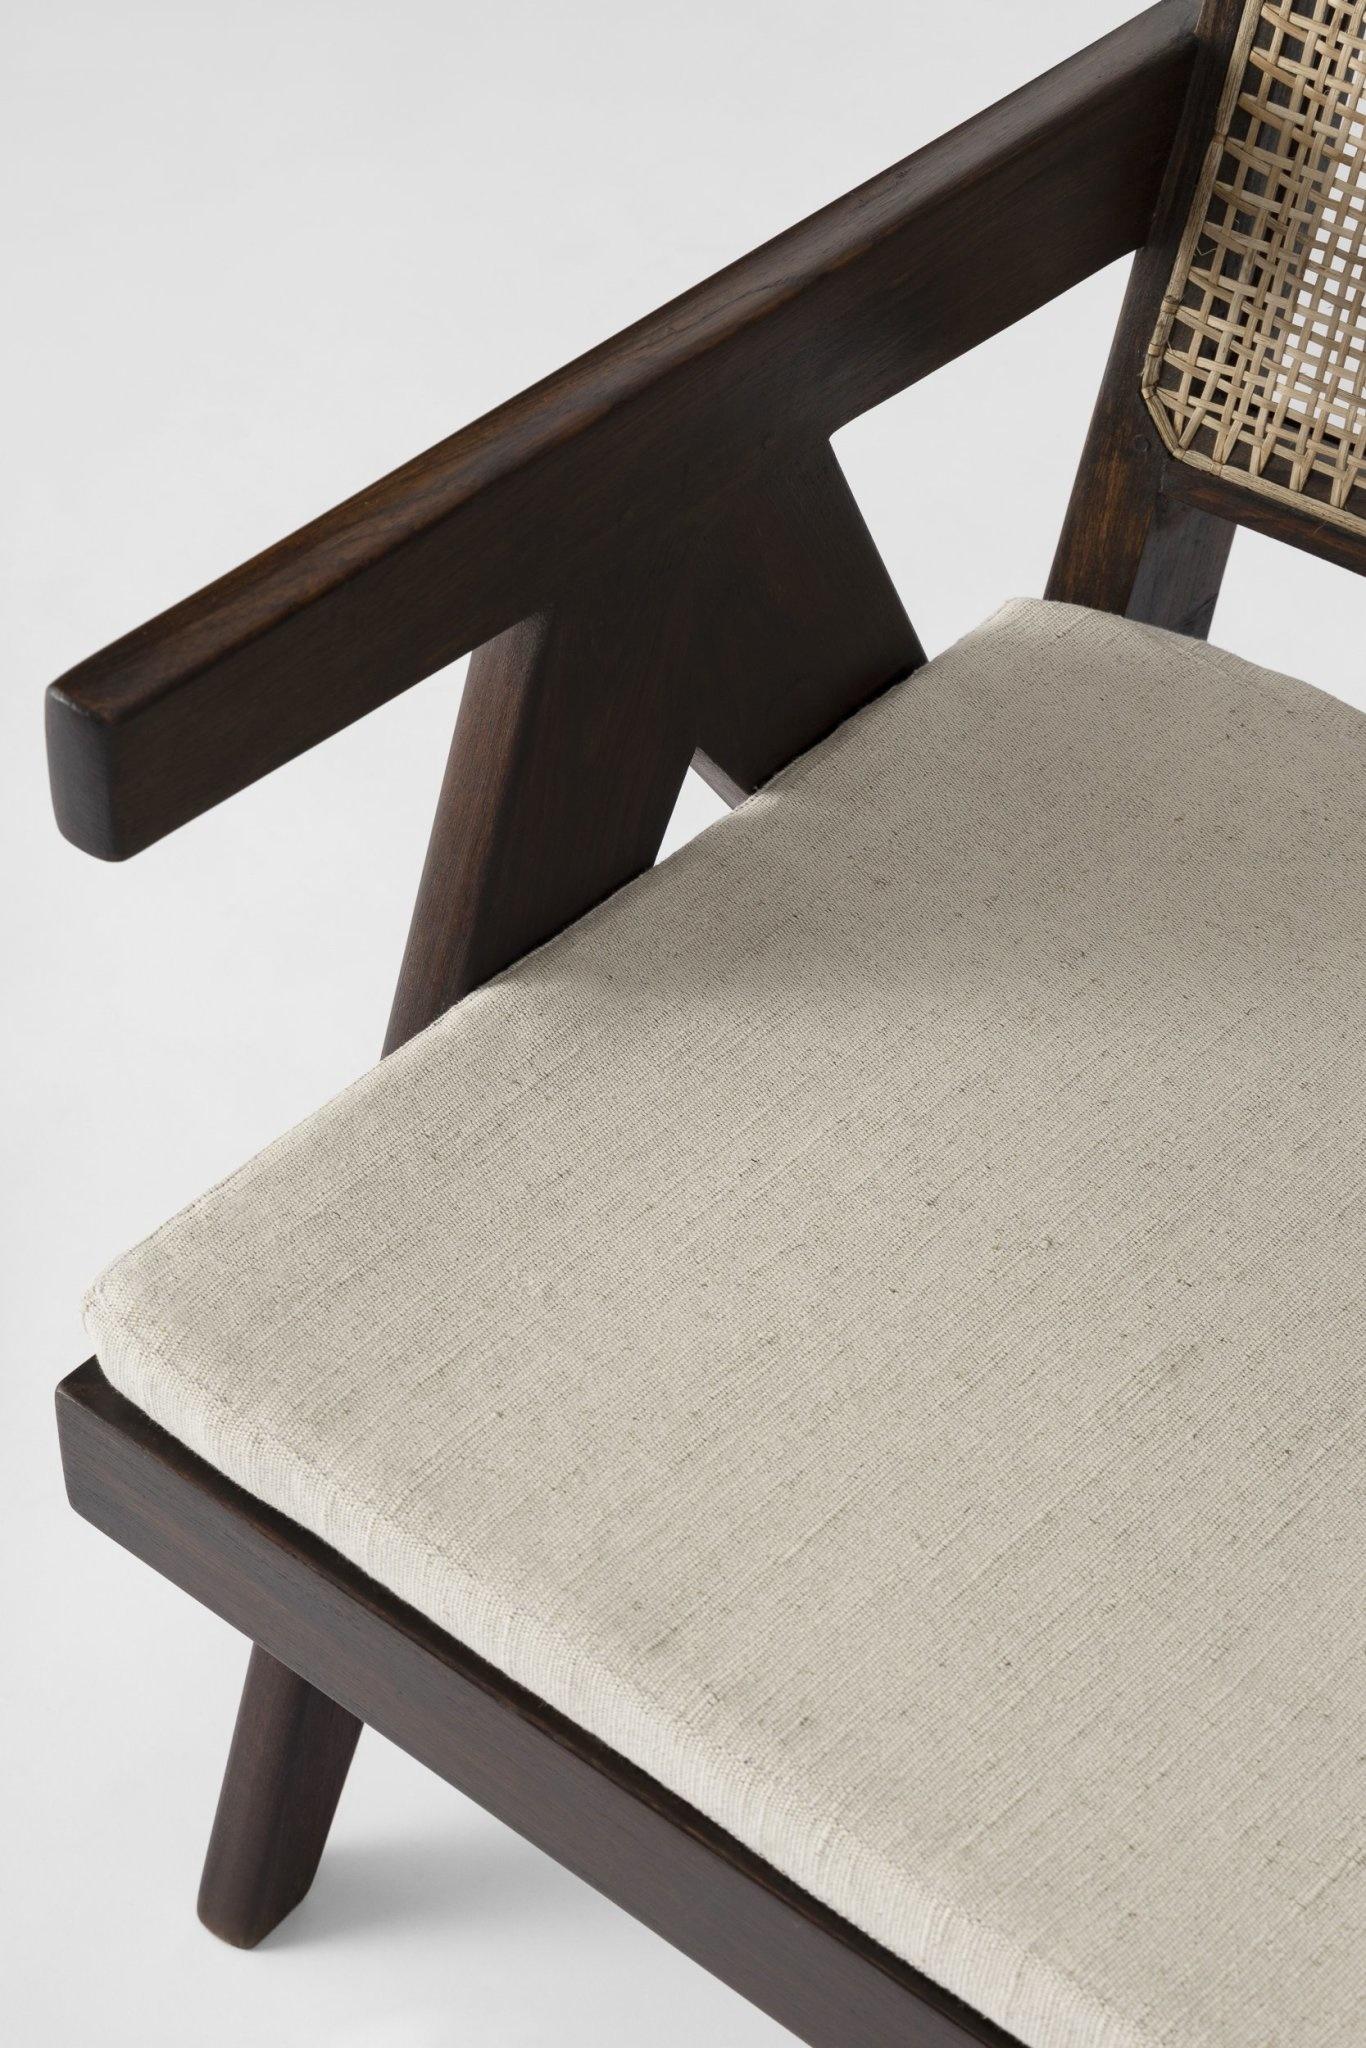 Italian Linen zit kussen - Pierre Jeanneret Chairs-1